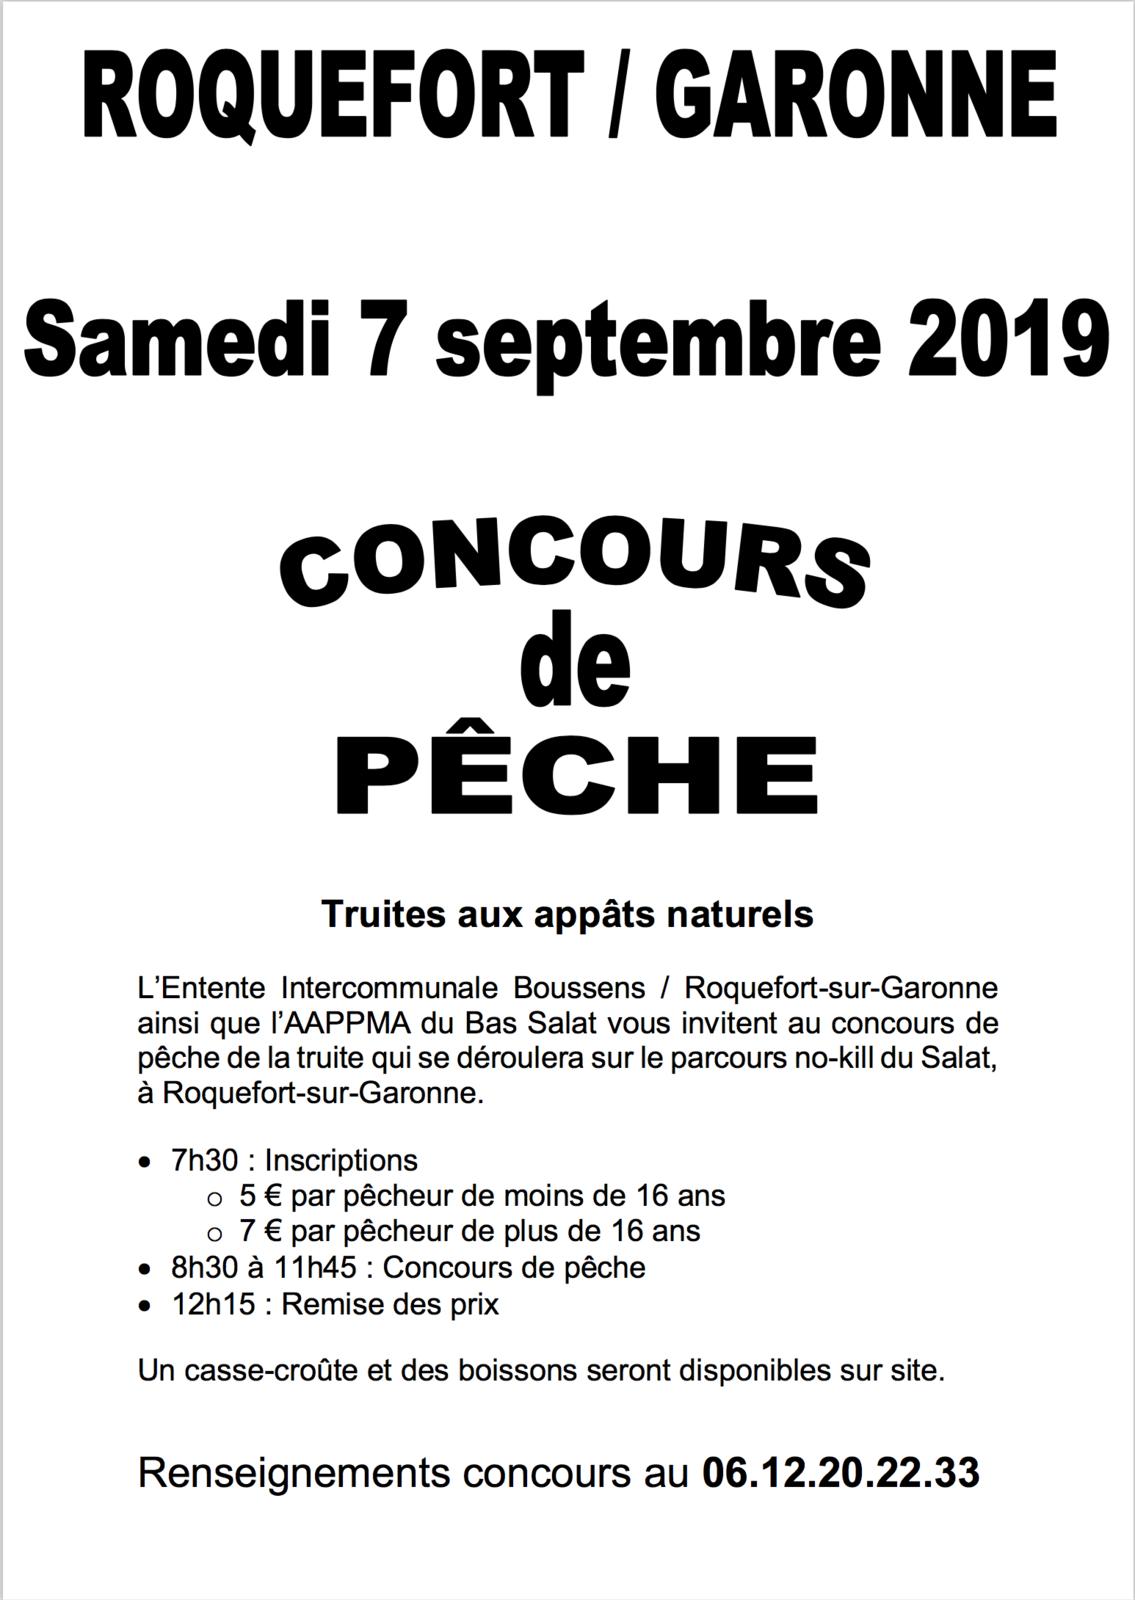 UN CONCOURS DE PÊCHE EST ORGANISÉ À ROQUEFORT-SUR-GARONNE, LE SAMEDI 7 SEPTEMBRE 2019